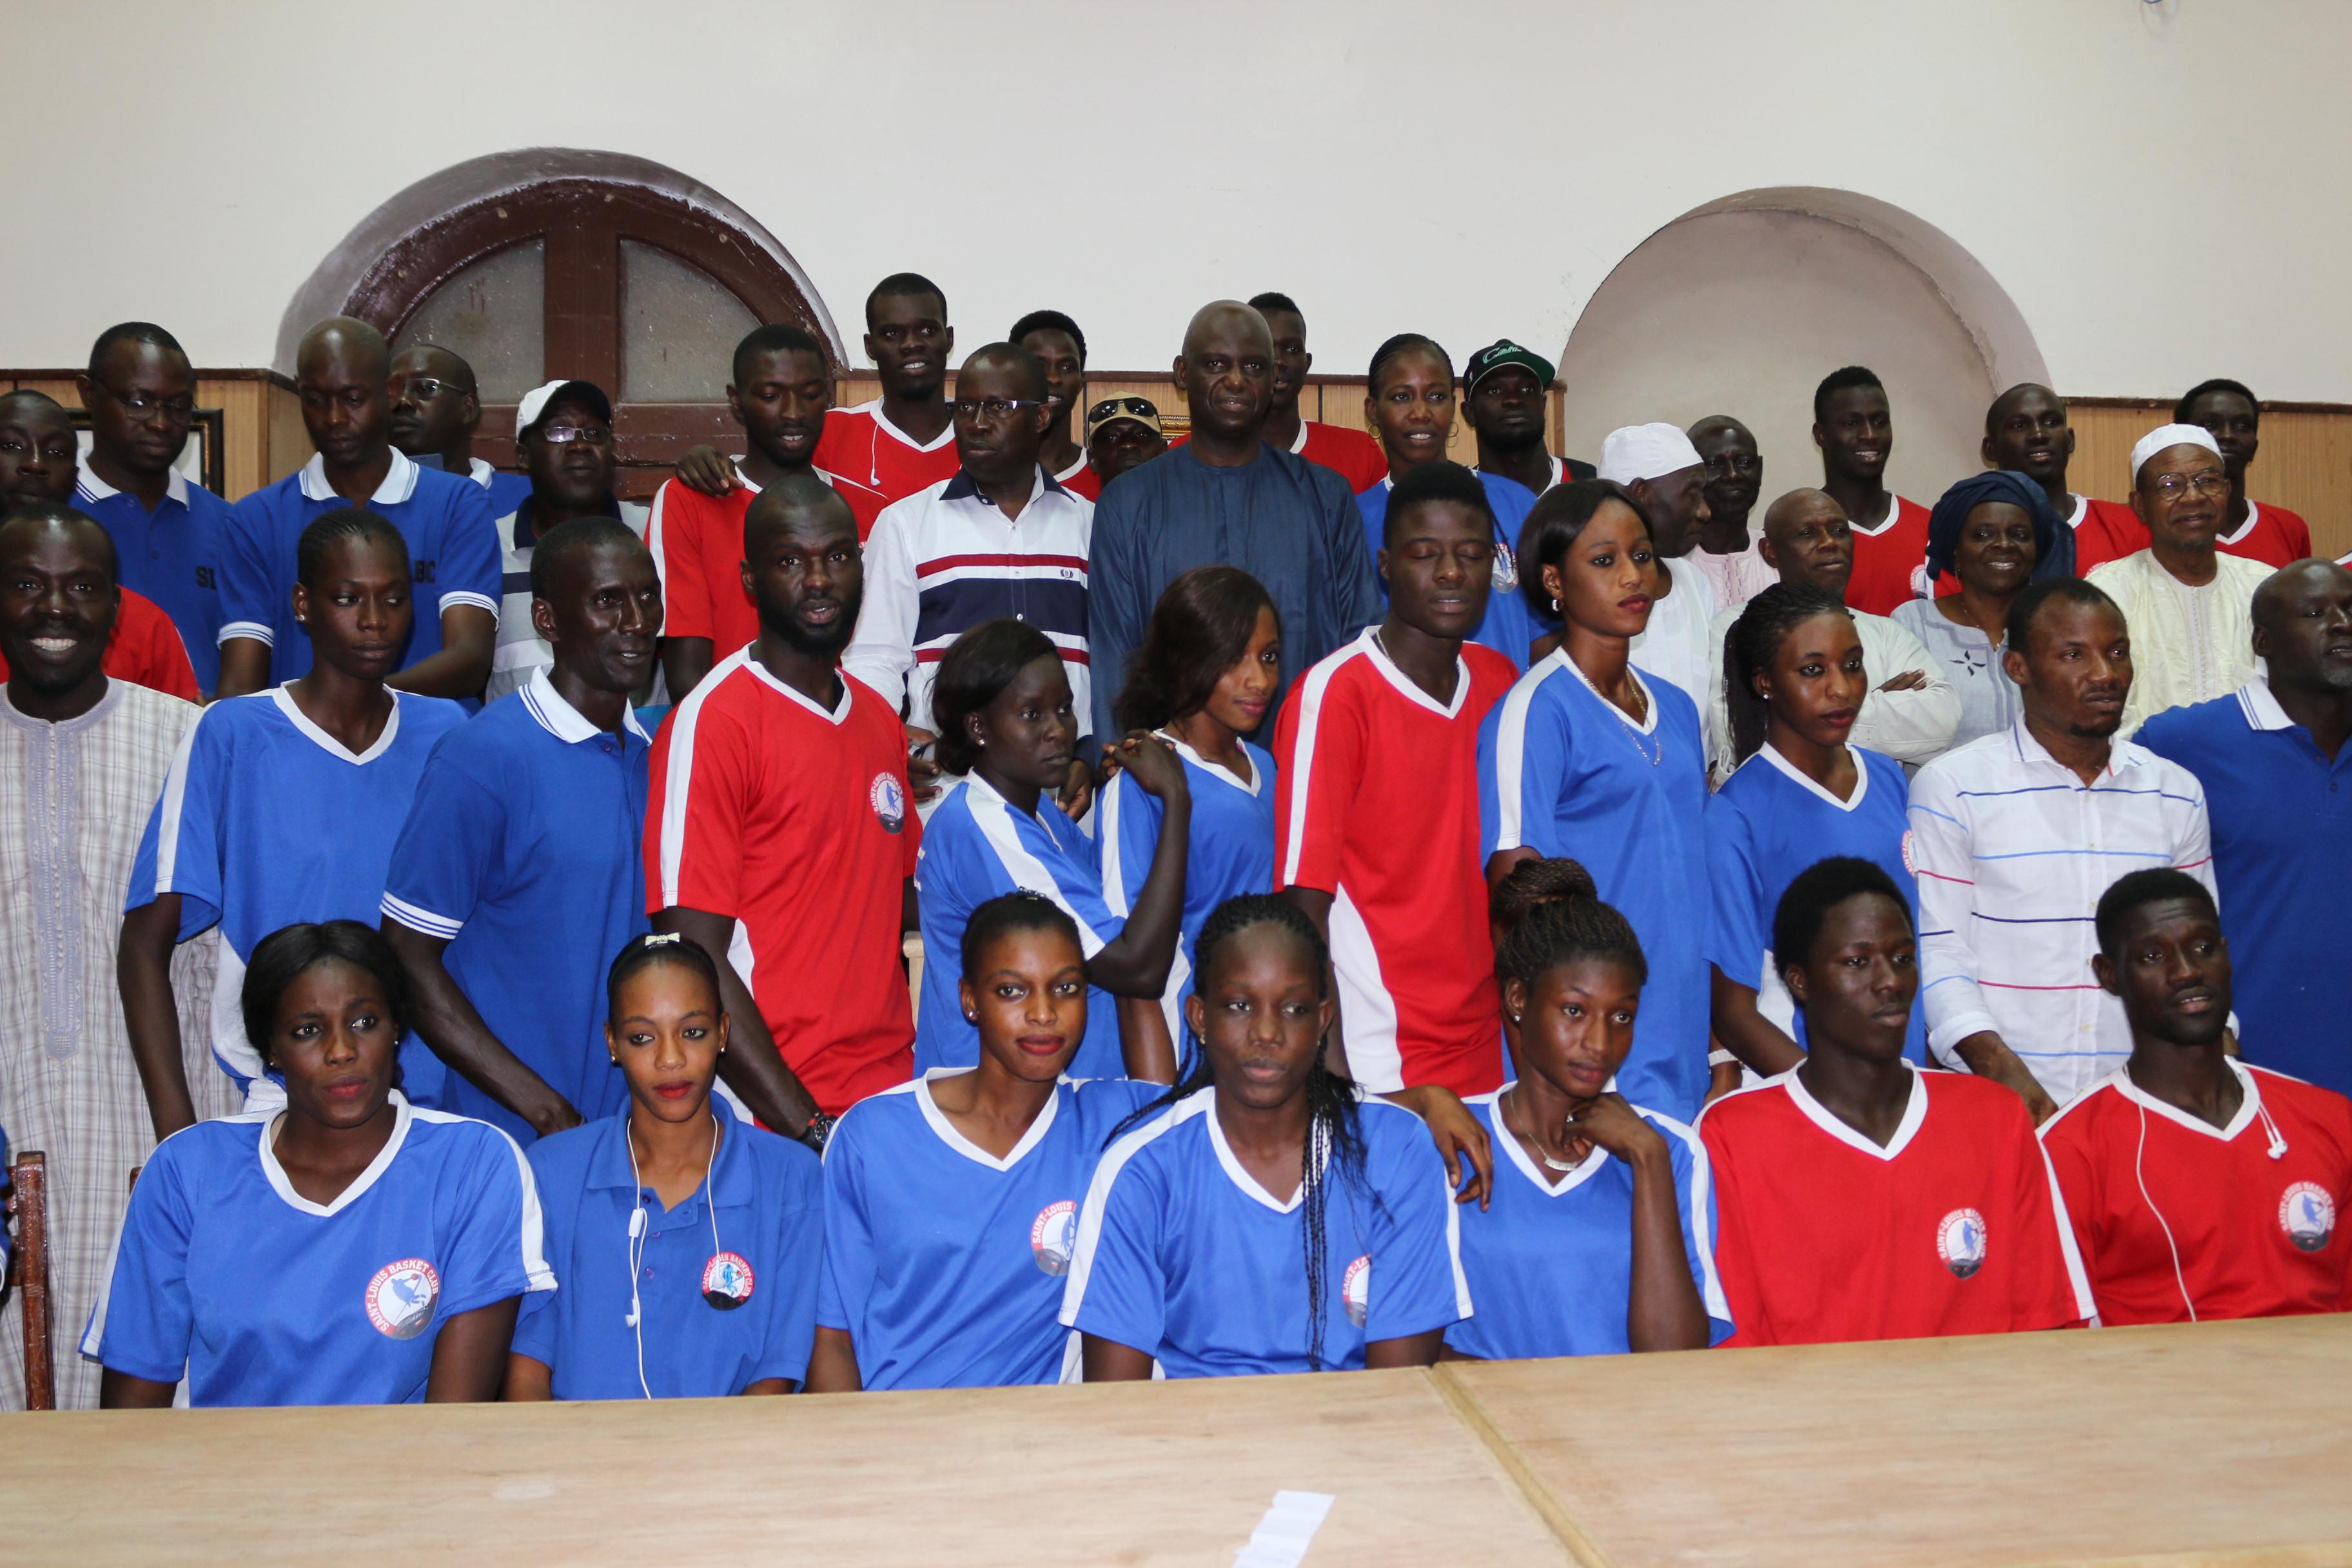 Finale du championnat Play Off de Basket du Sénégal : Les équipes de SLBC fille et garçon reçues par le gouverneur de la région et le maire de la commune de Saint-Louis